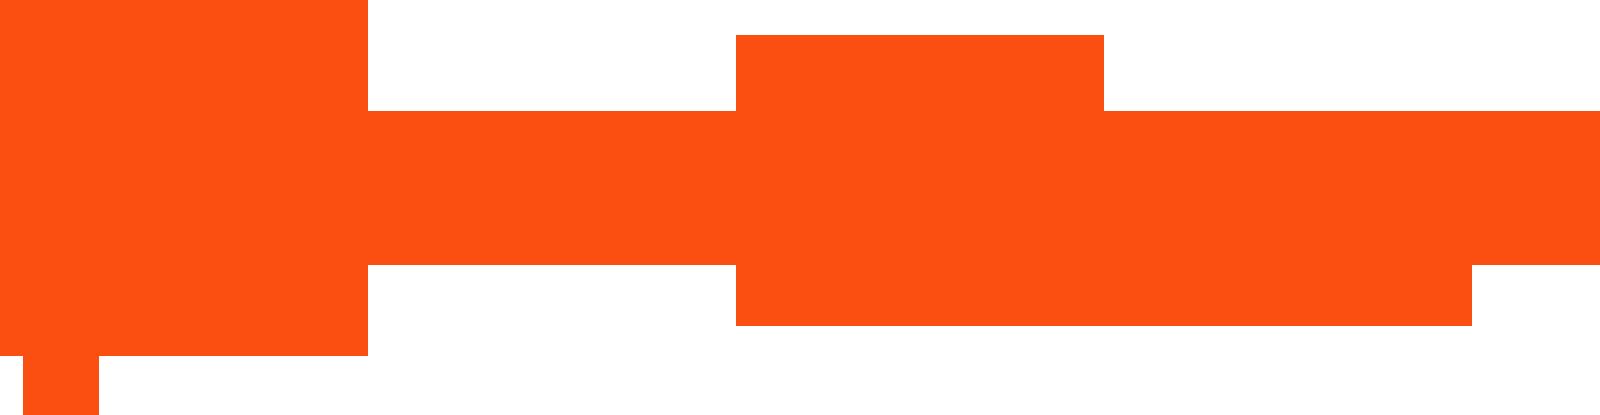 logo_paradigma_2013